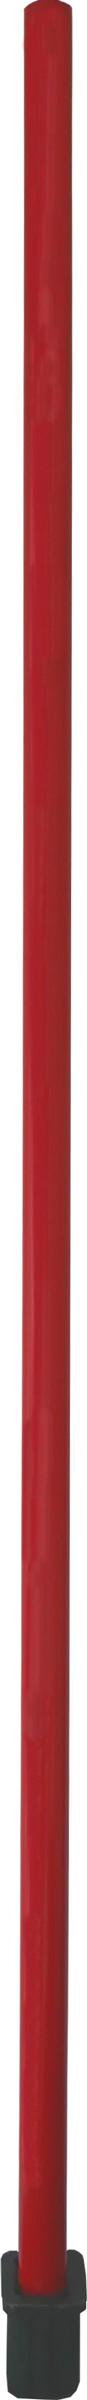 Schake Schaftrohr Kunststoff Ø 42 mm